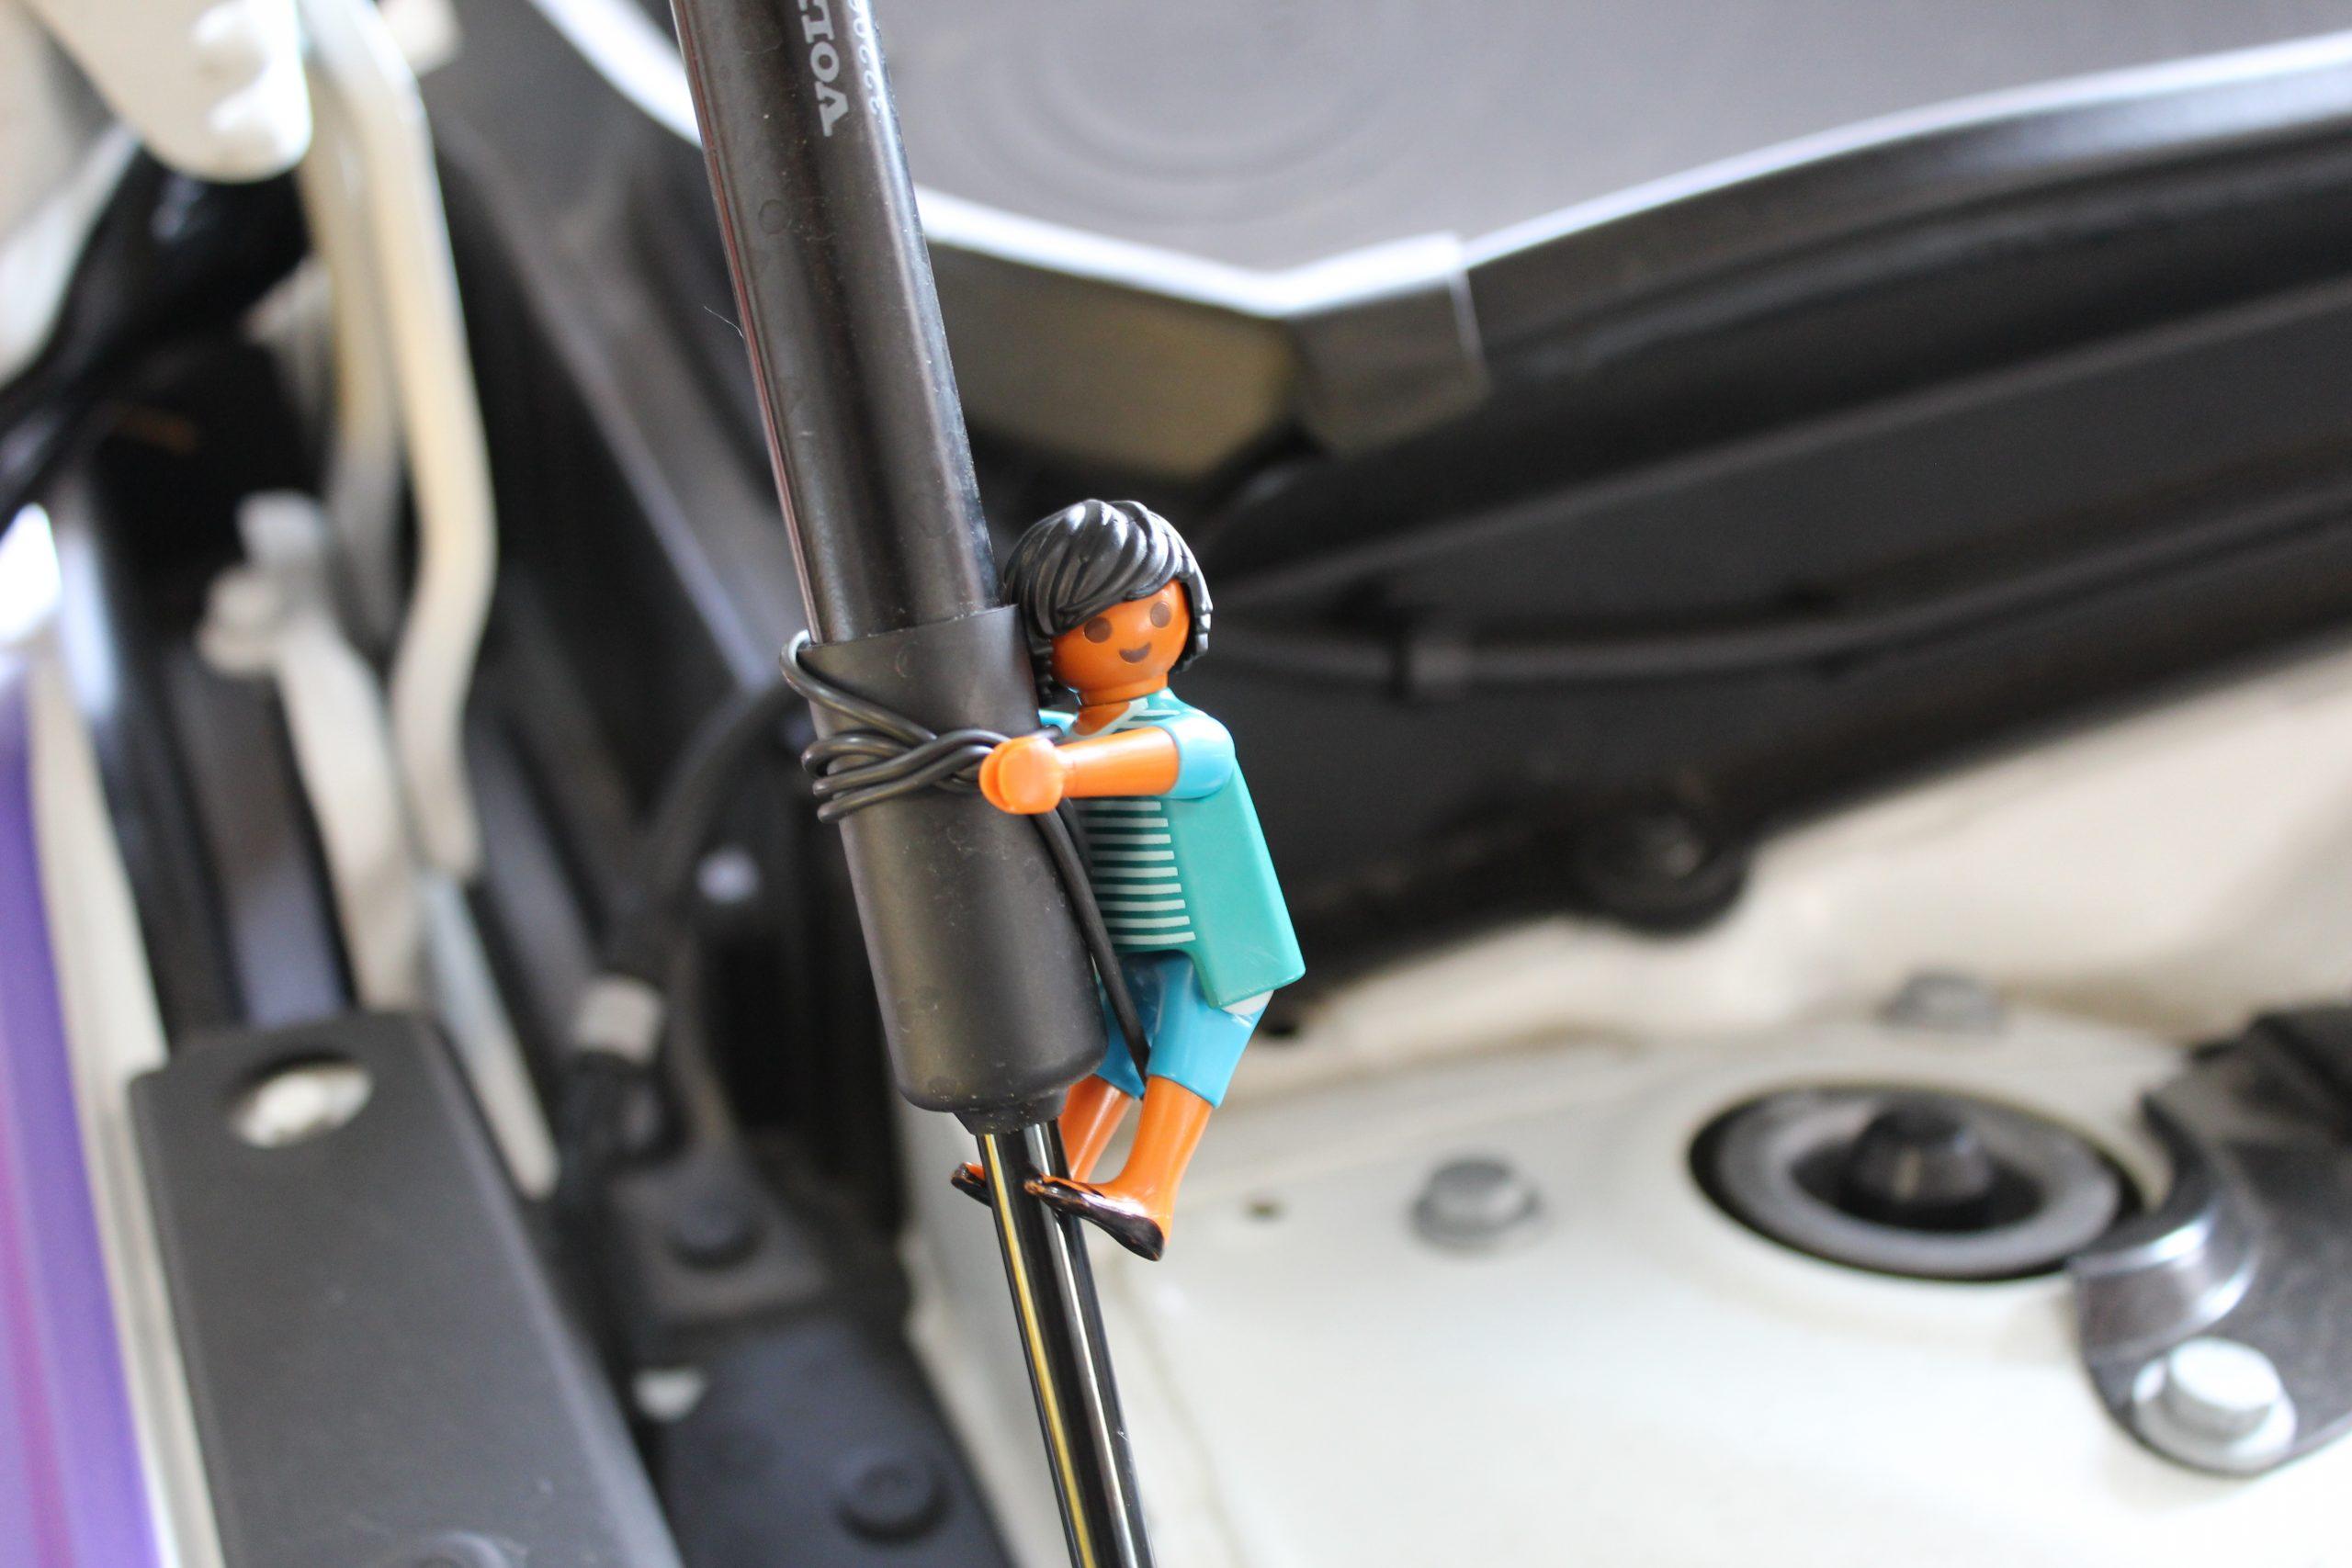 Playmobilmännchen klettert die Motorhaube hoch